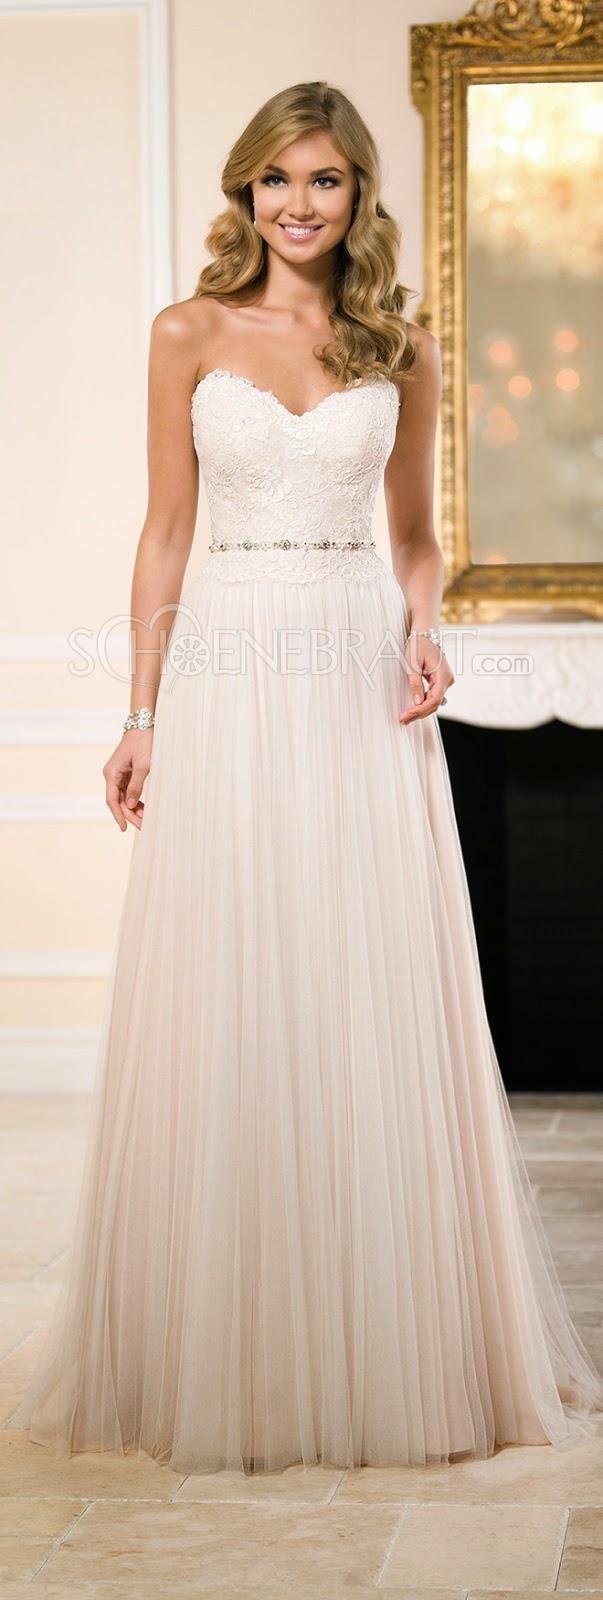 Empire Trägerlos Herzförmig Ausschnitt Korsage Netzwerk Brautkleid Hochzeitskleid Sweet Heart Süßes Herz [#UD9119] - schoenebraut.com